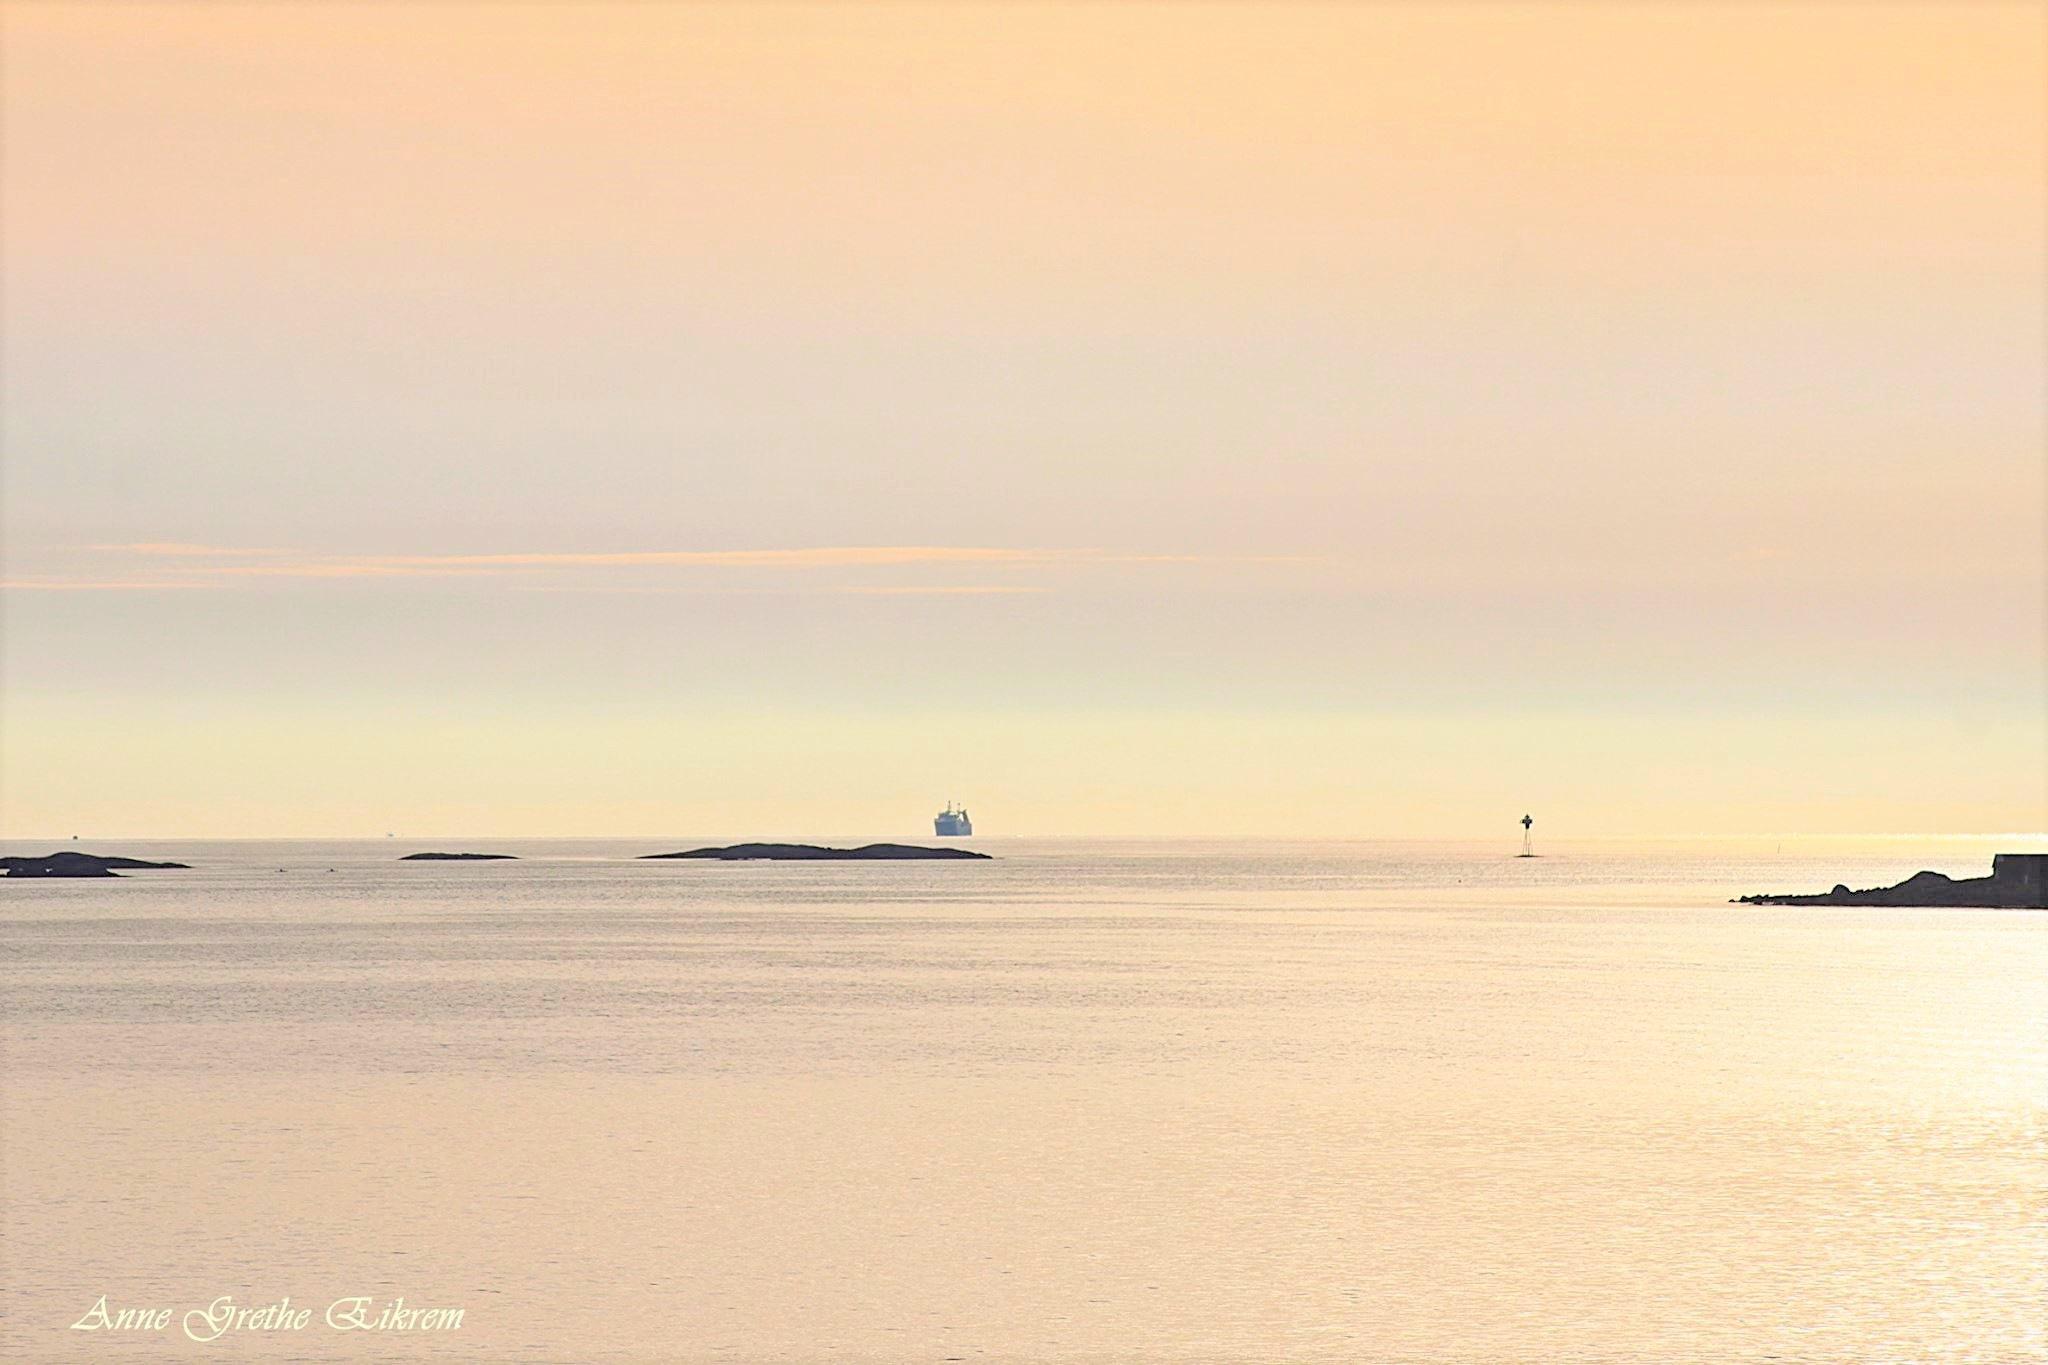 Seascape by Anne Grethe Eikrem